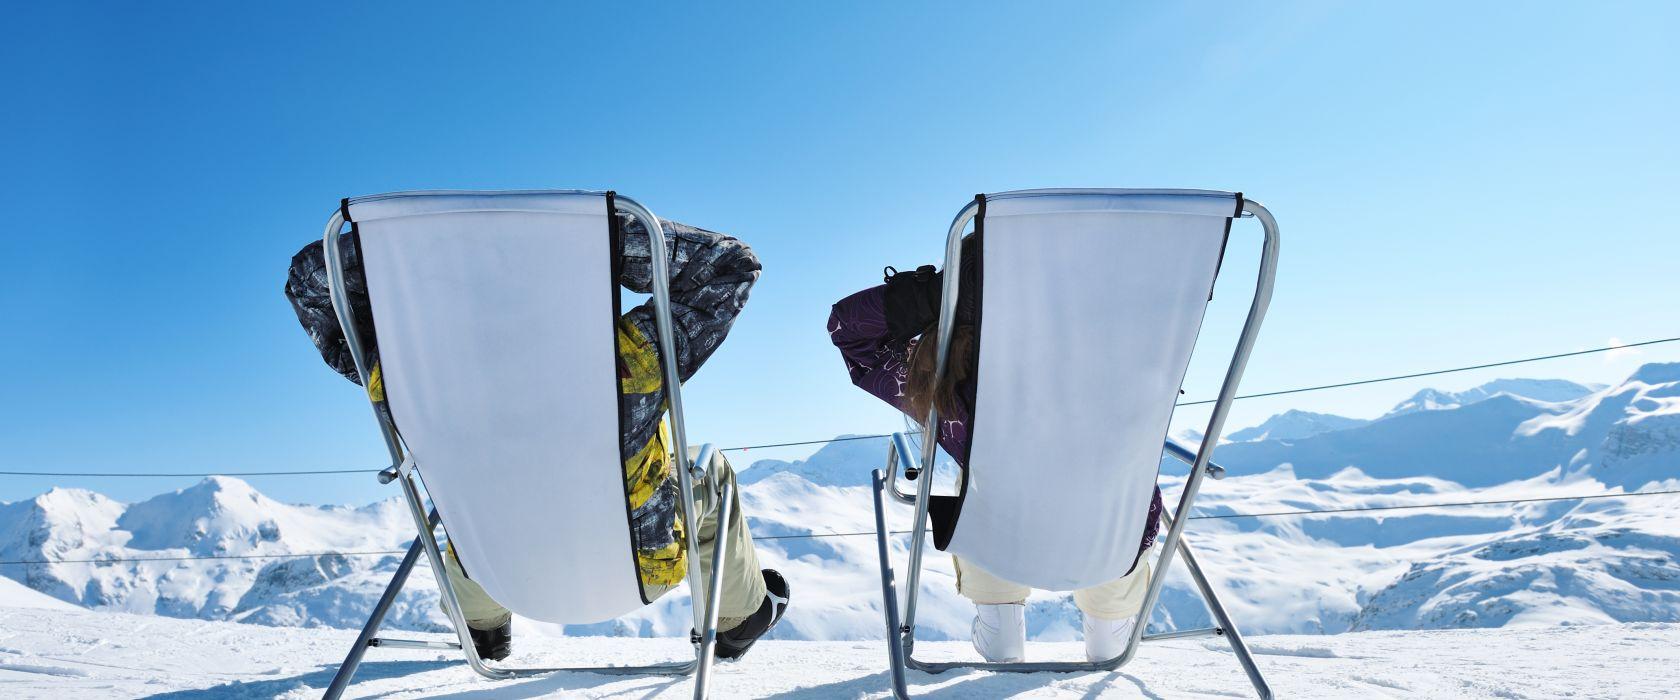 vacances au ski pas cher Le ski au printemps